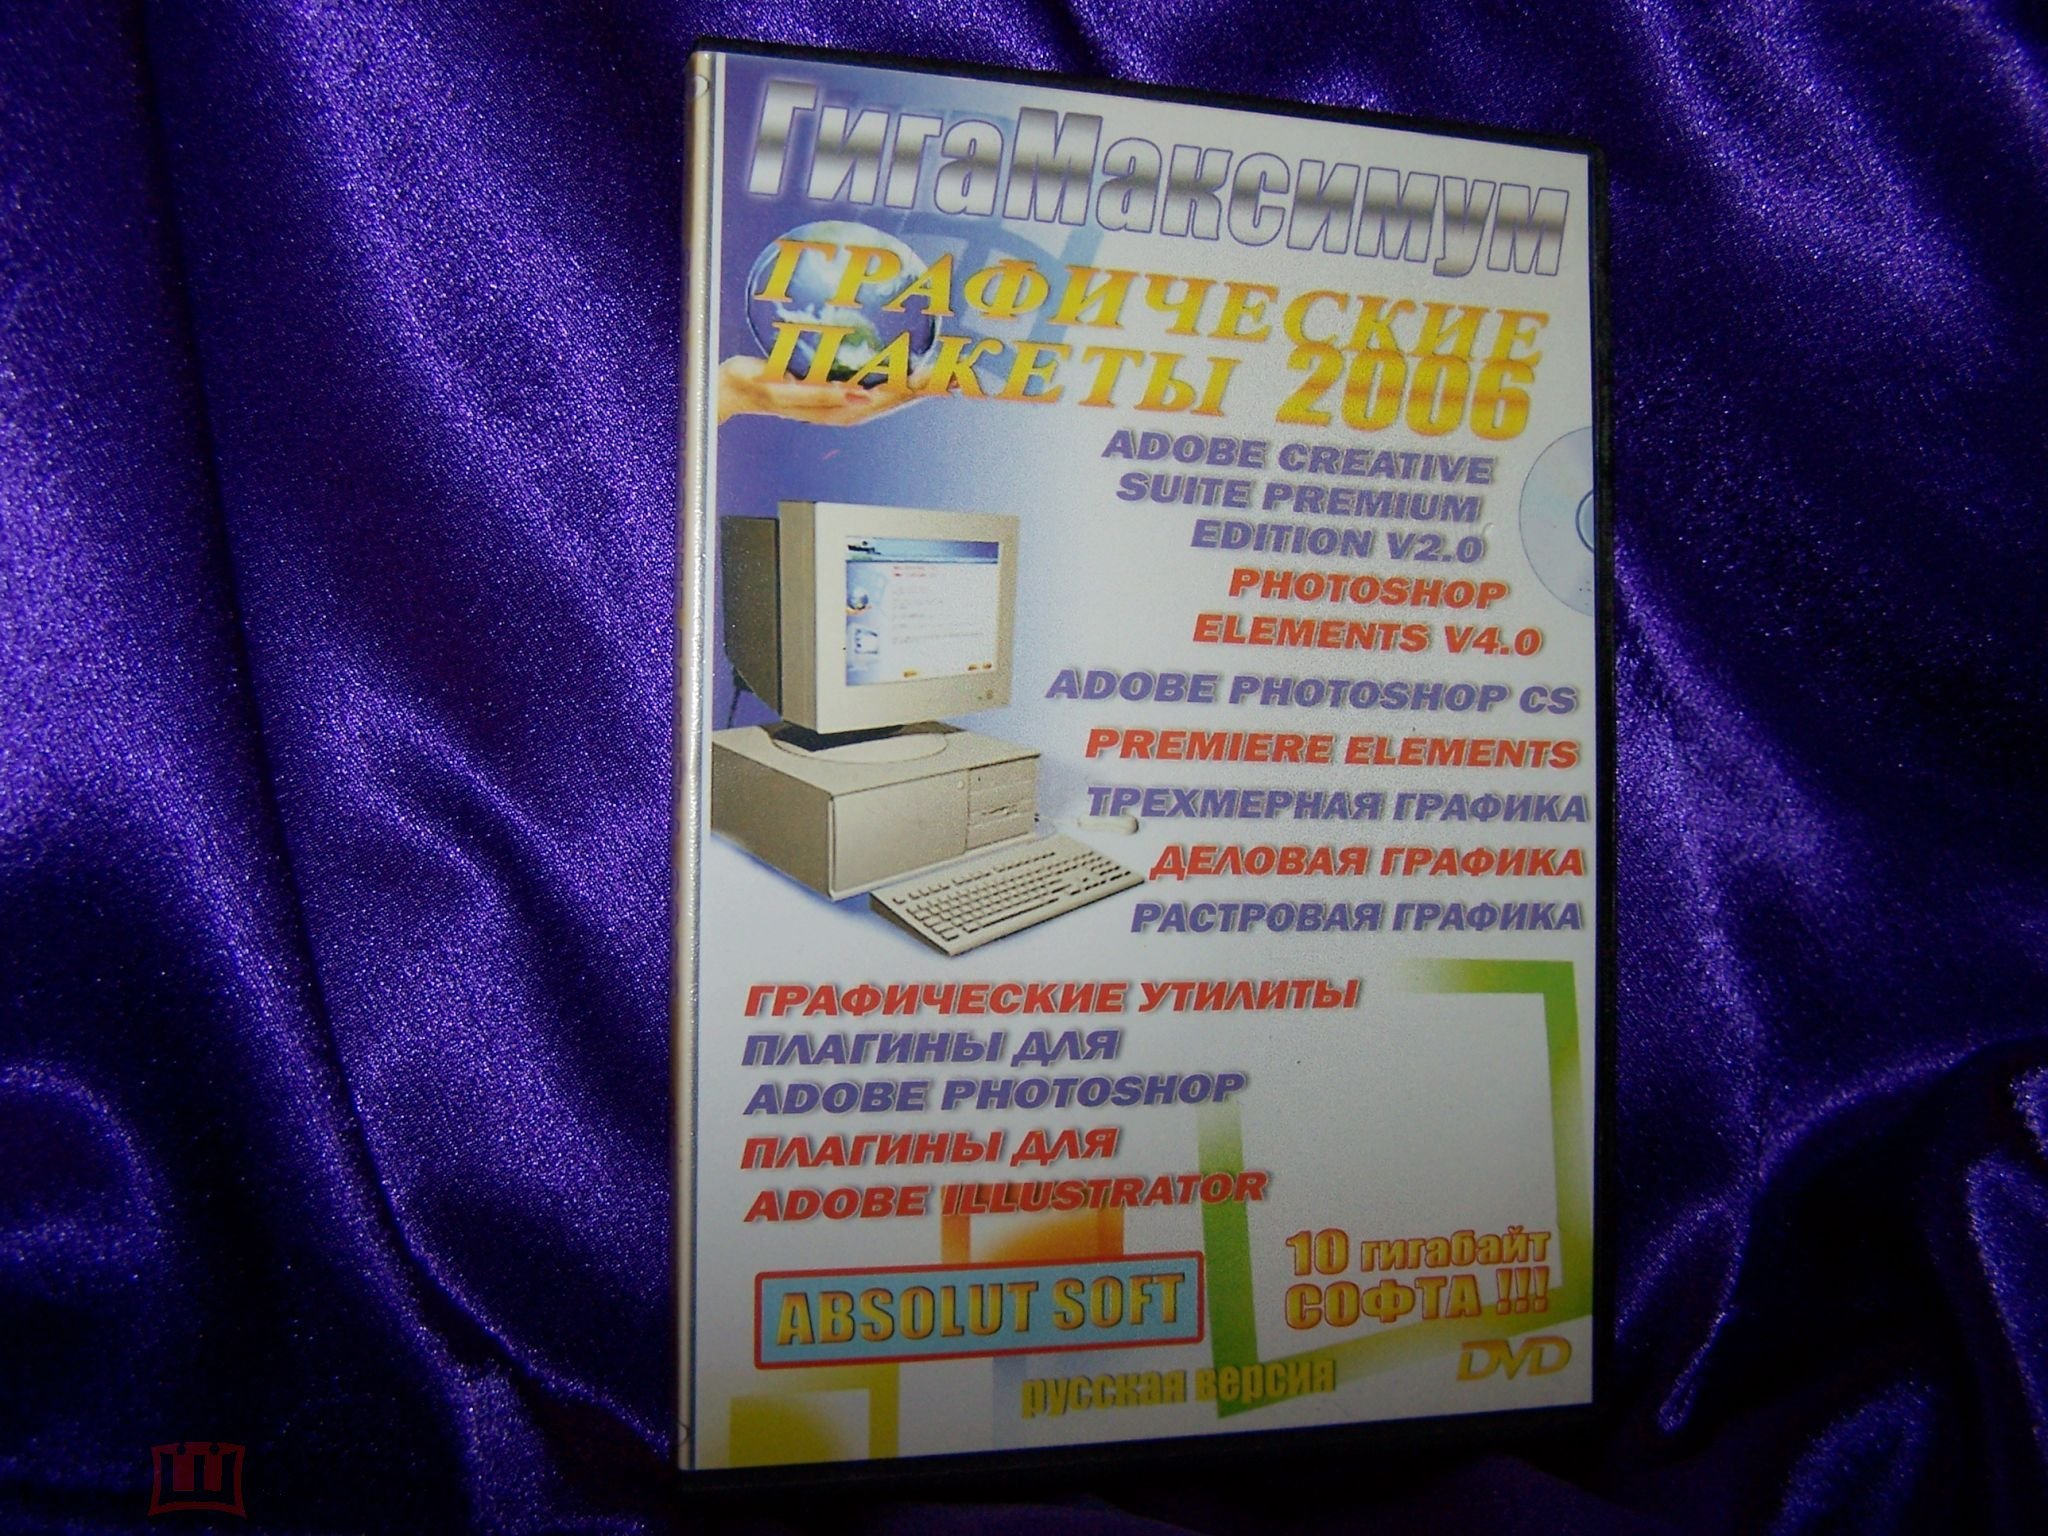 Гигамаксимум!   Графические пакеты 2006 г. 10 Гигабайт софта !!!